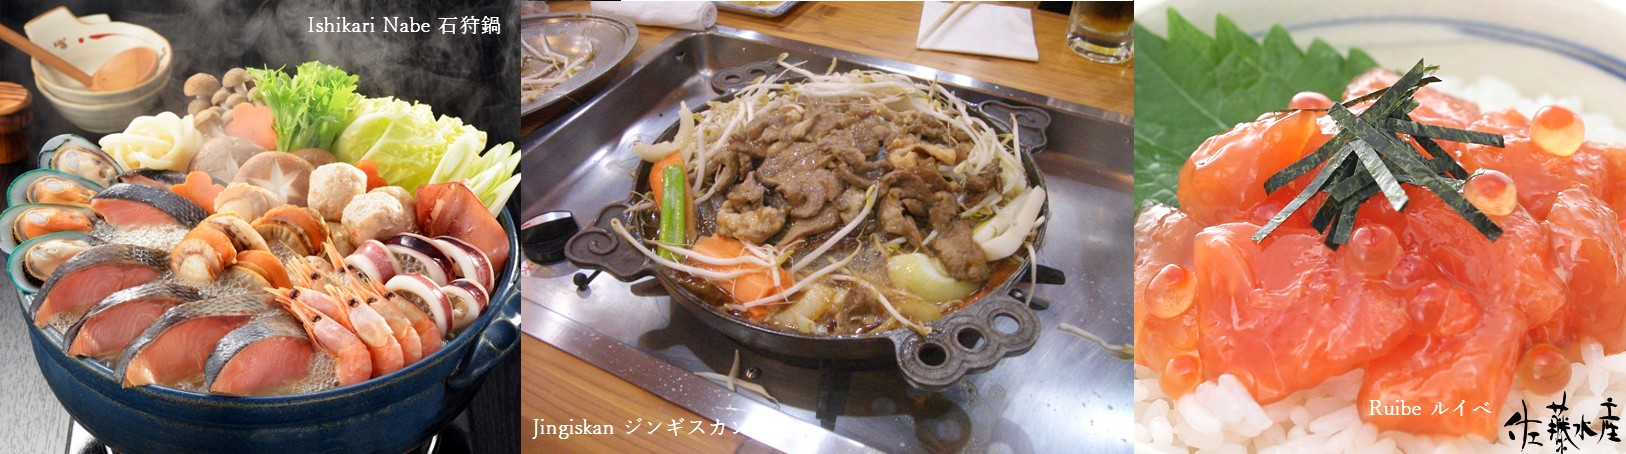 Baños Termales Japon:Baños termales 温泉: ①Yu no kawa 湯の川 ・ ②Noboribetsu